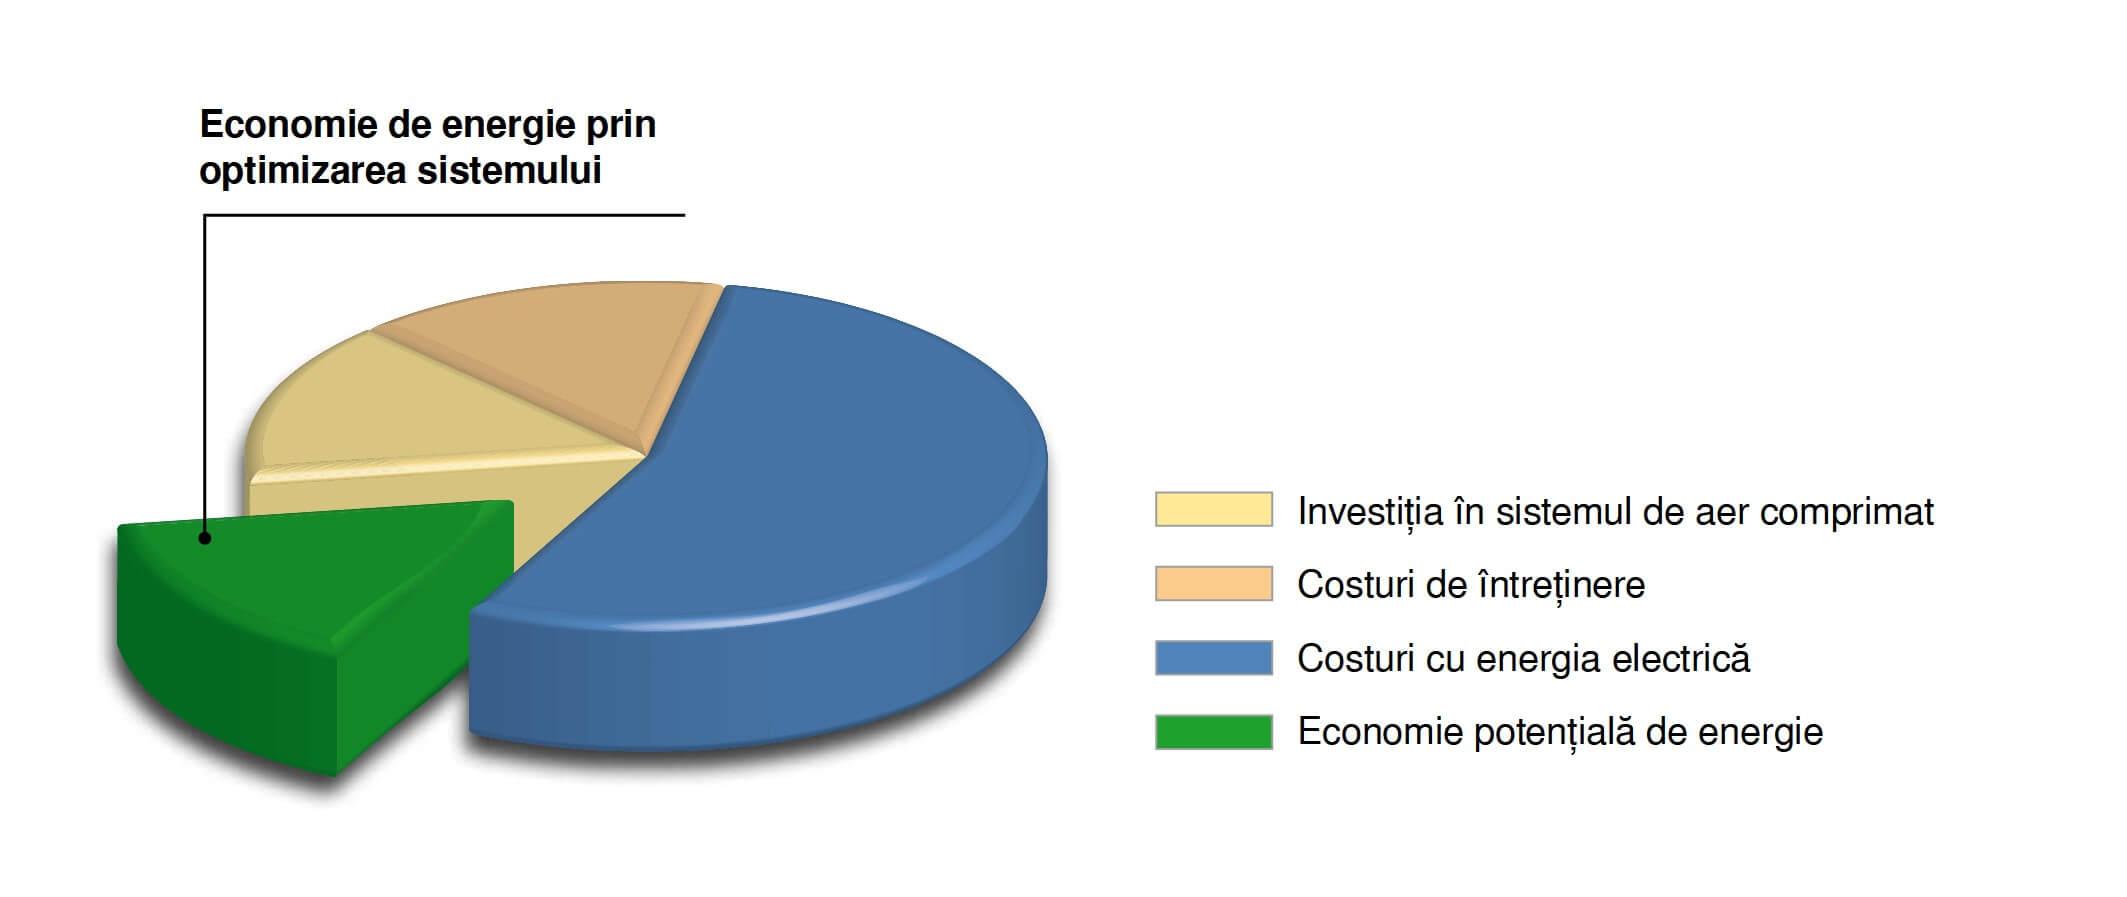 Economie de energie prin optimizarea compresoarelor sxc